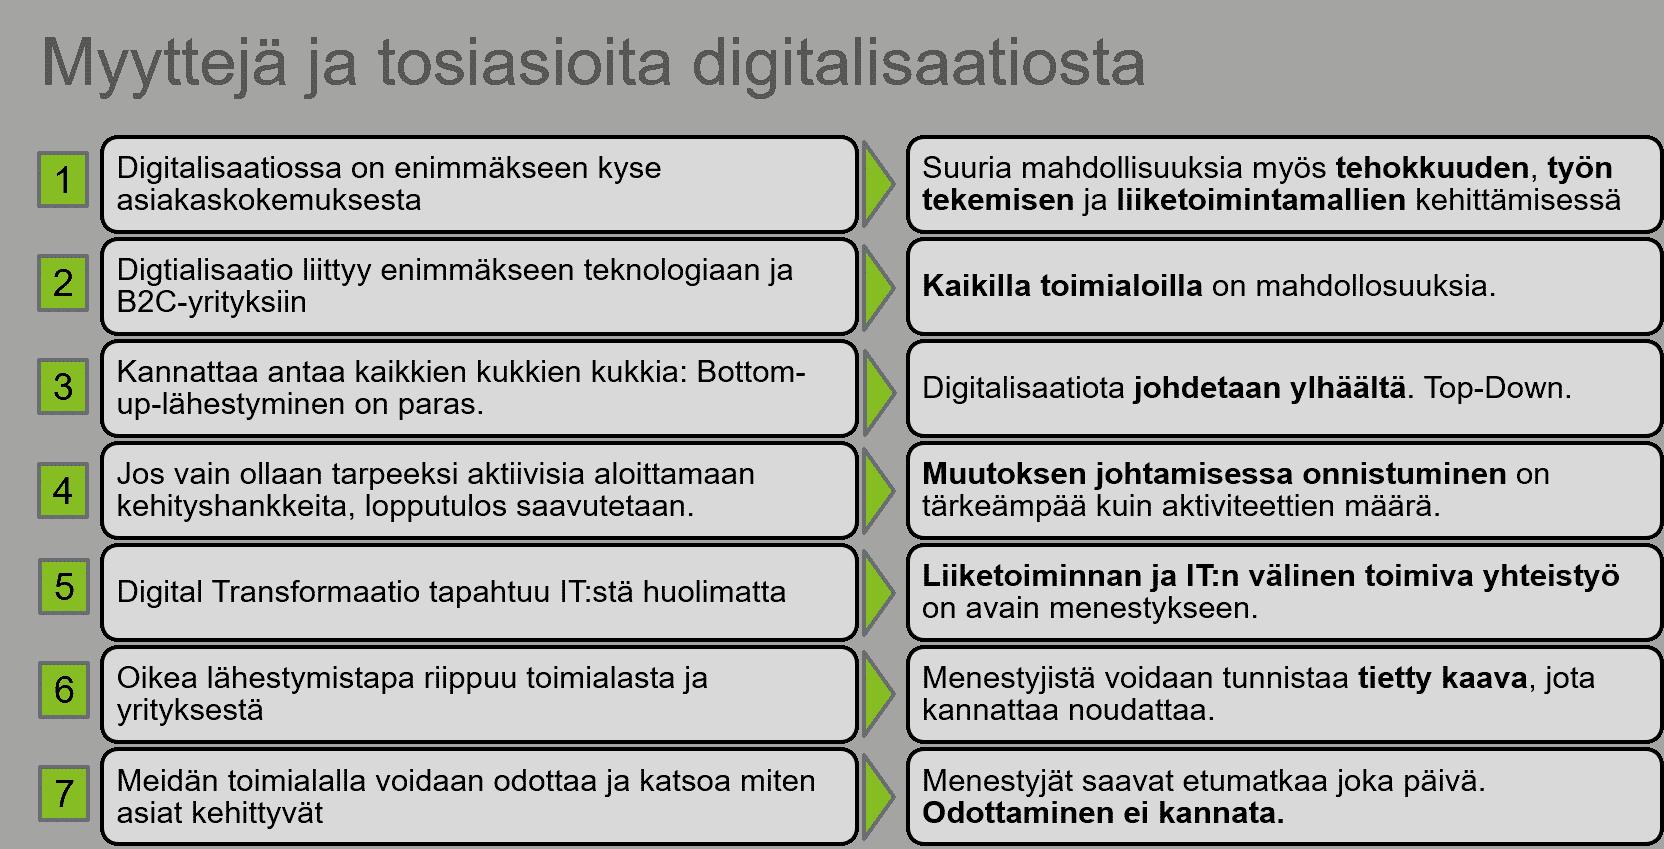 Myyttejä ja tosiasioita digitalisaatiosta.